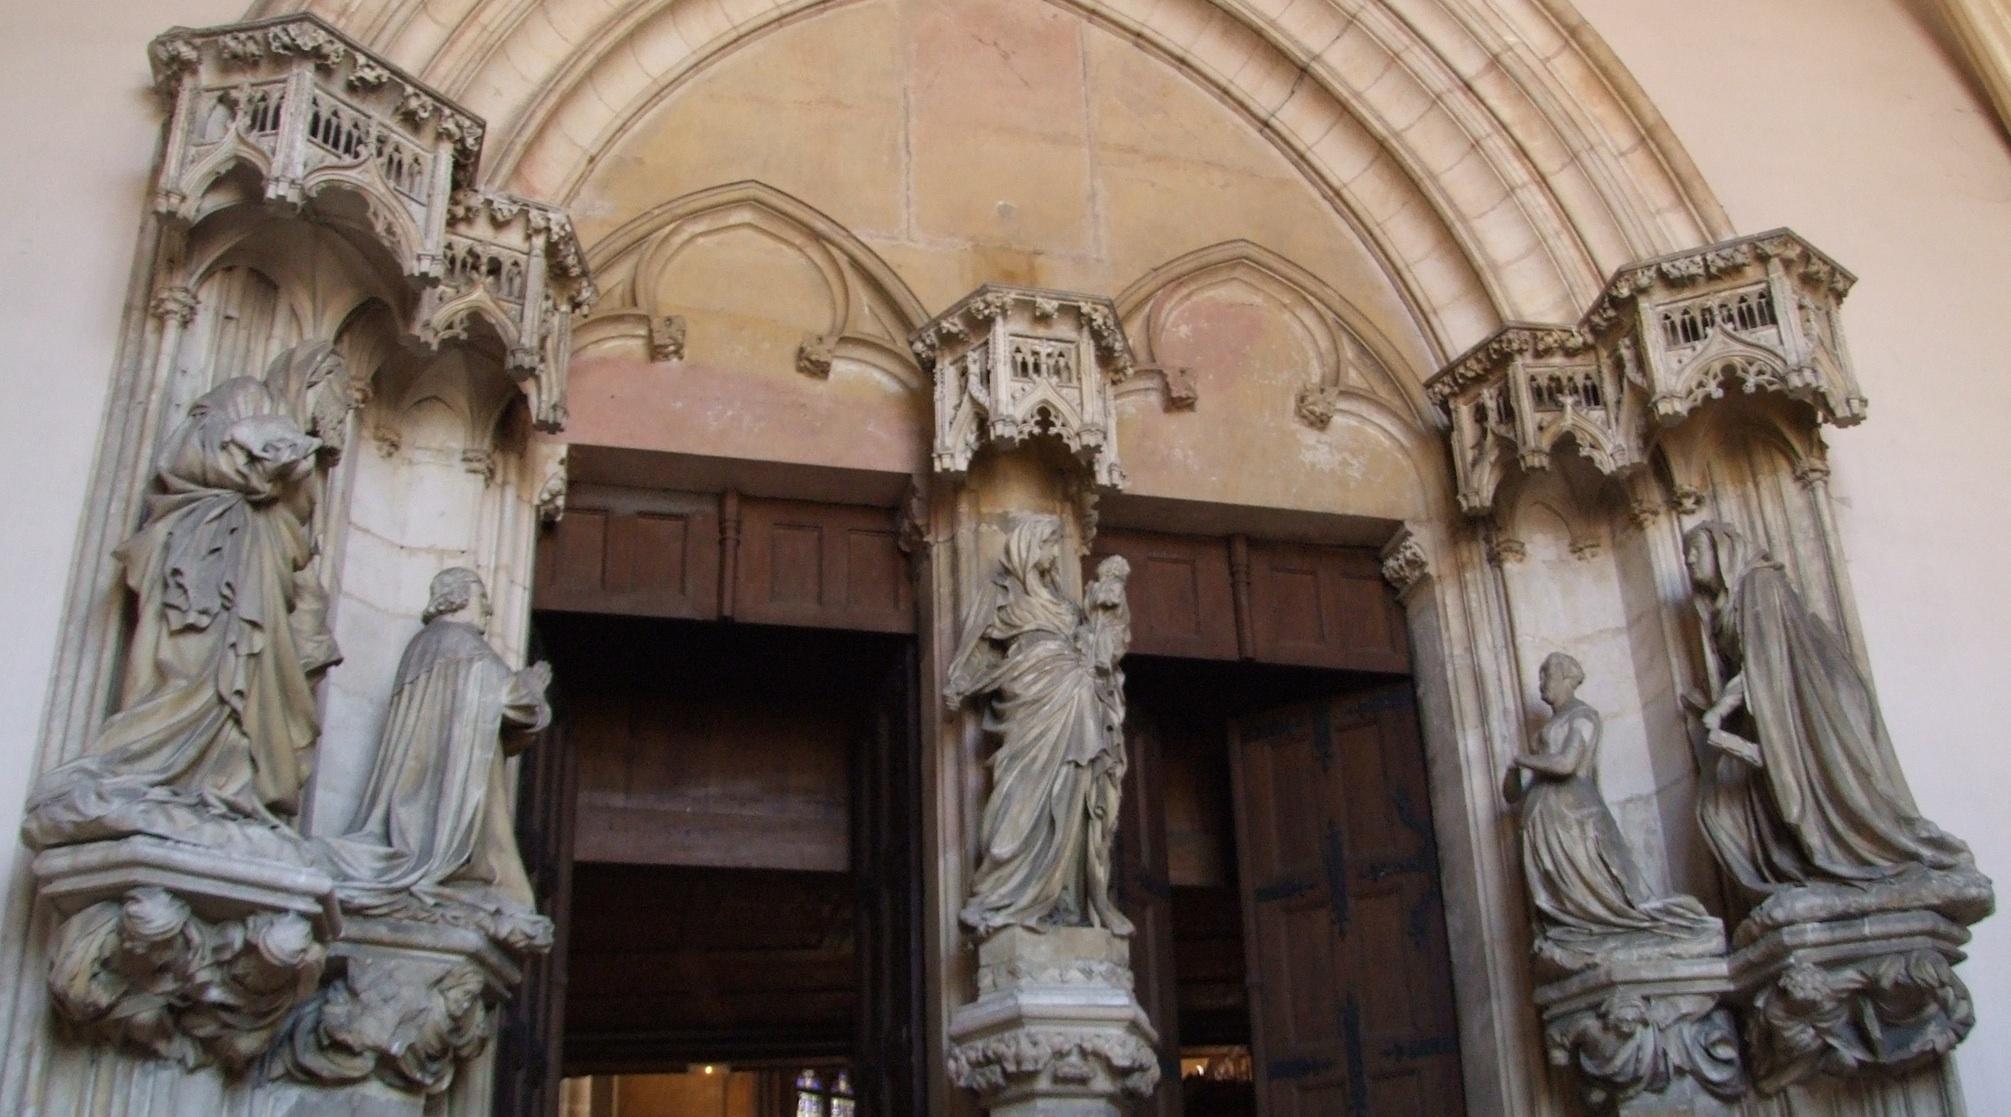 Le portail de la chartreuse de Champnol. Philippe le Hardi et Marguerite de Flandre, fondateurs de la chartreuse, sont en prière devant la Vierge et l'enfant.